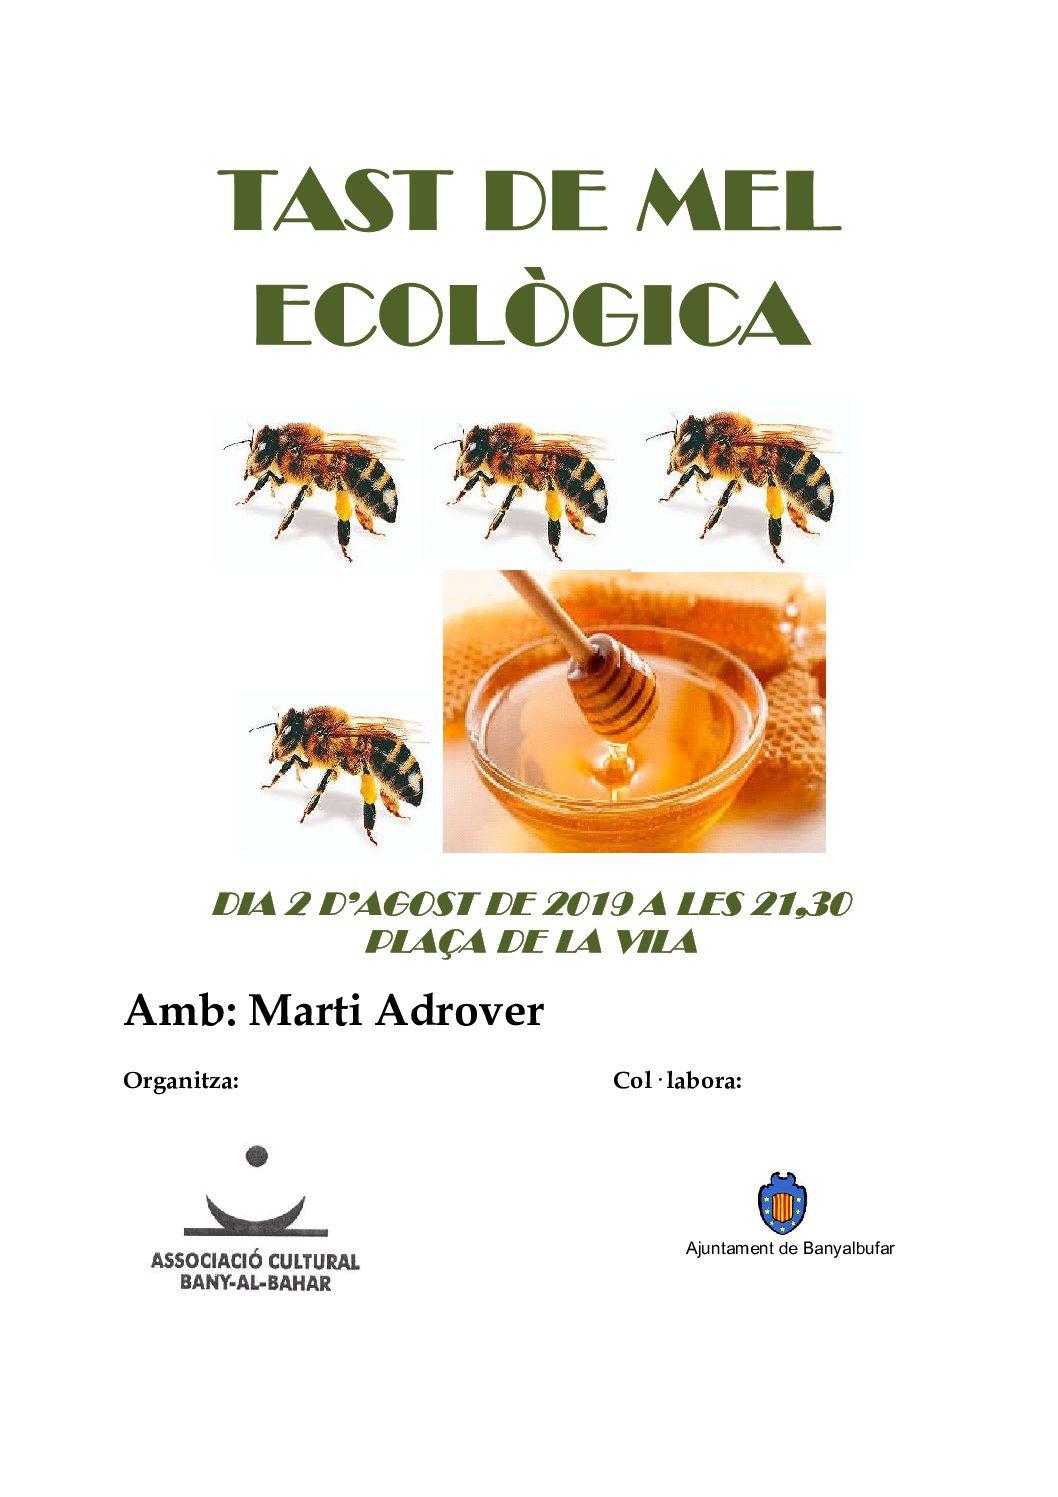 Tast de mel ecològica